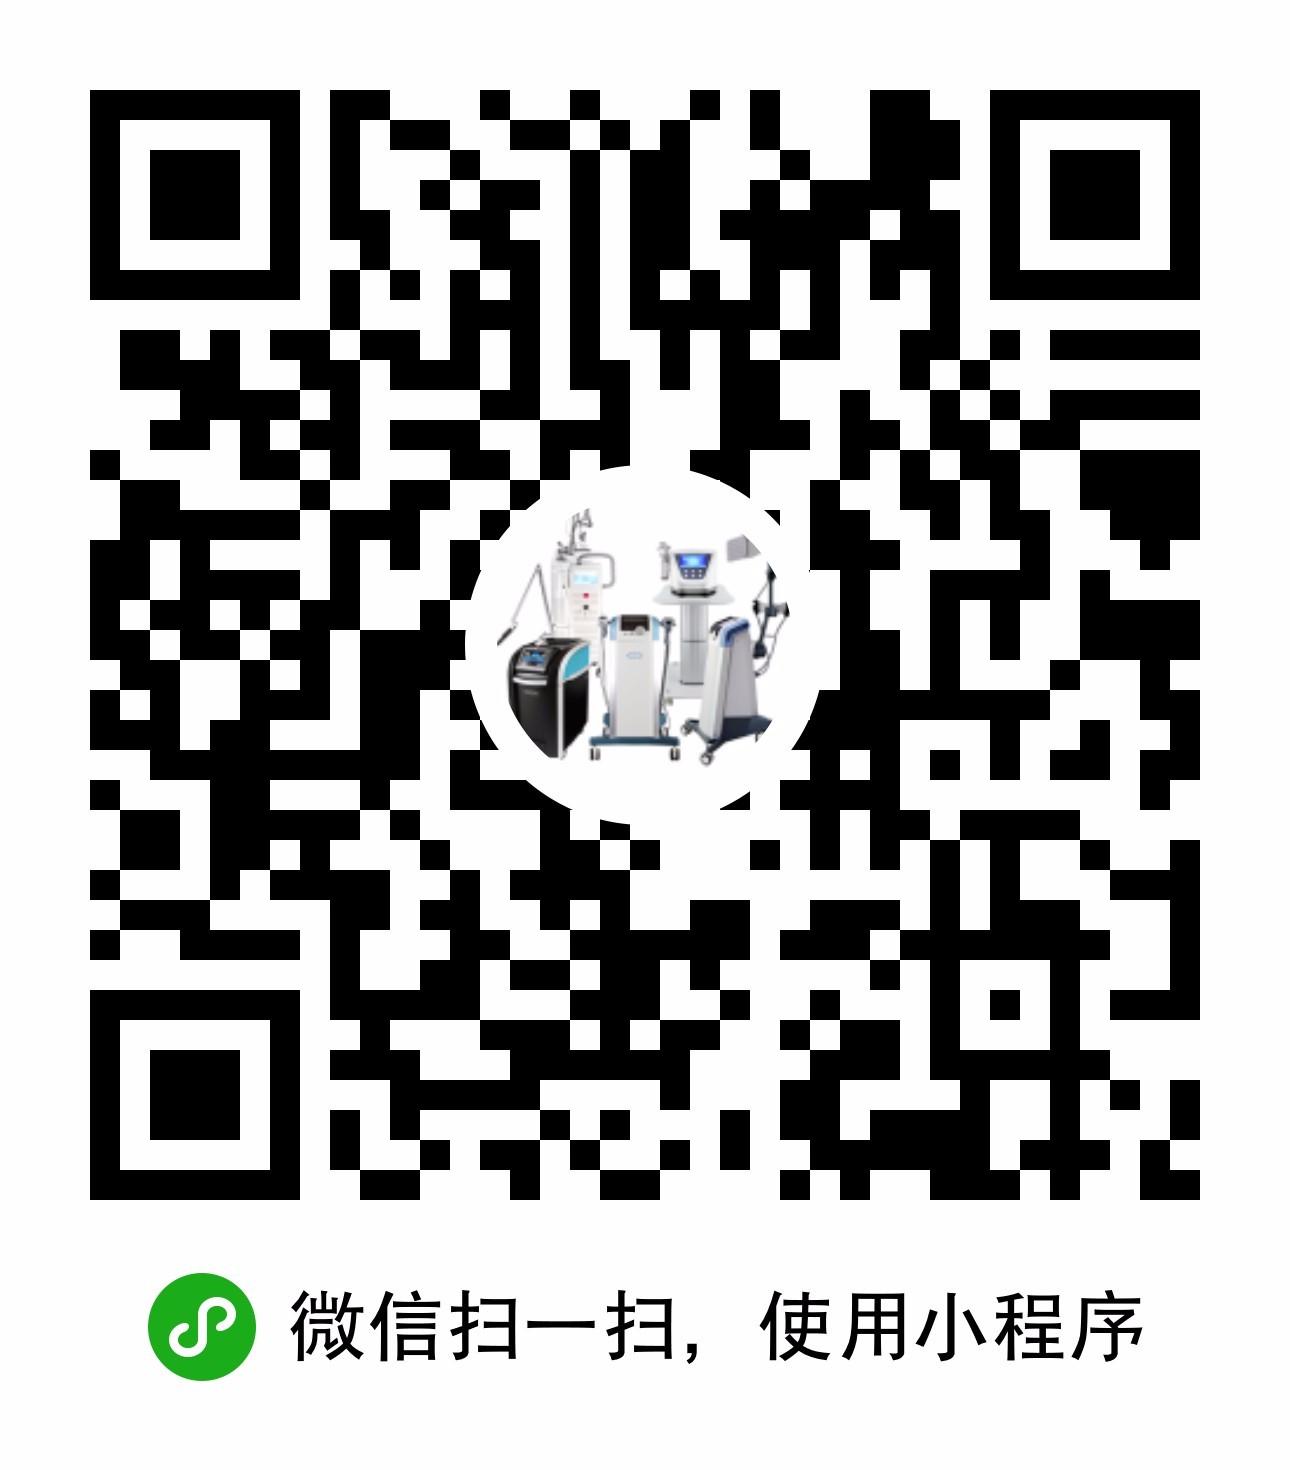 广州汇博美容仪器制造商二维码